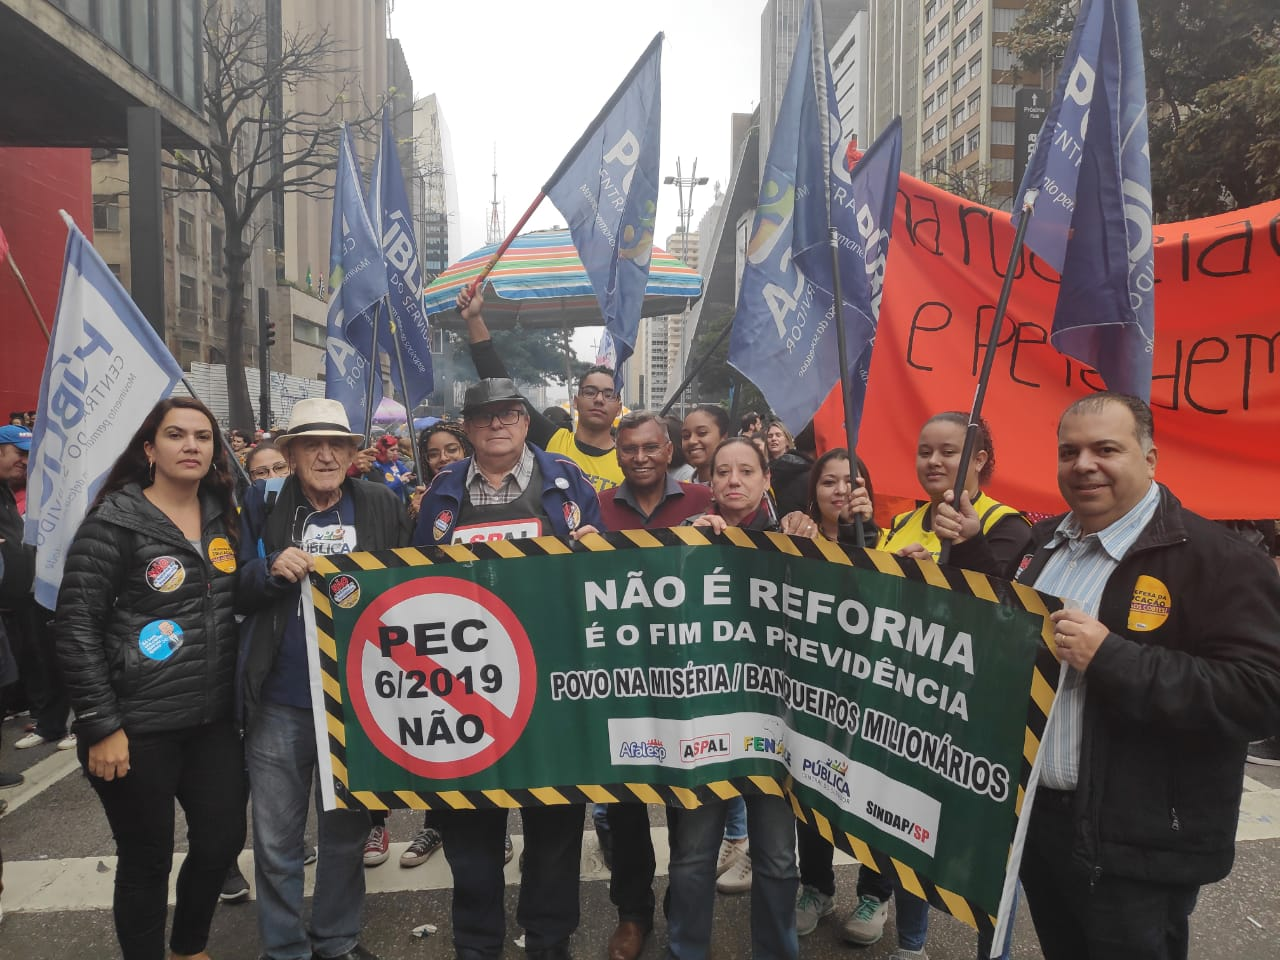 Manifestação na Av. Paulista  contra Reforma da Previdência #Fenale #Aspal #Sindap #Afalesp #Pública #PublicaSP #Fespesp #Conacate #CNSP #Assetj